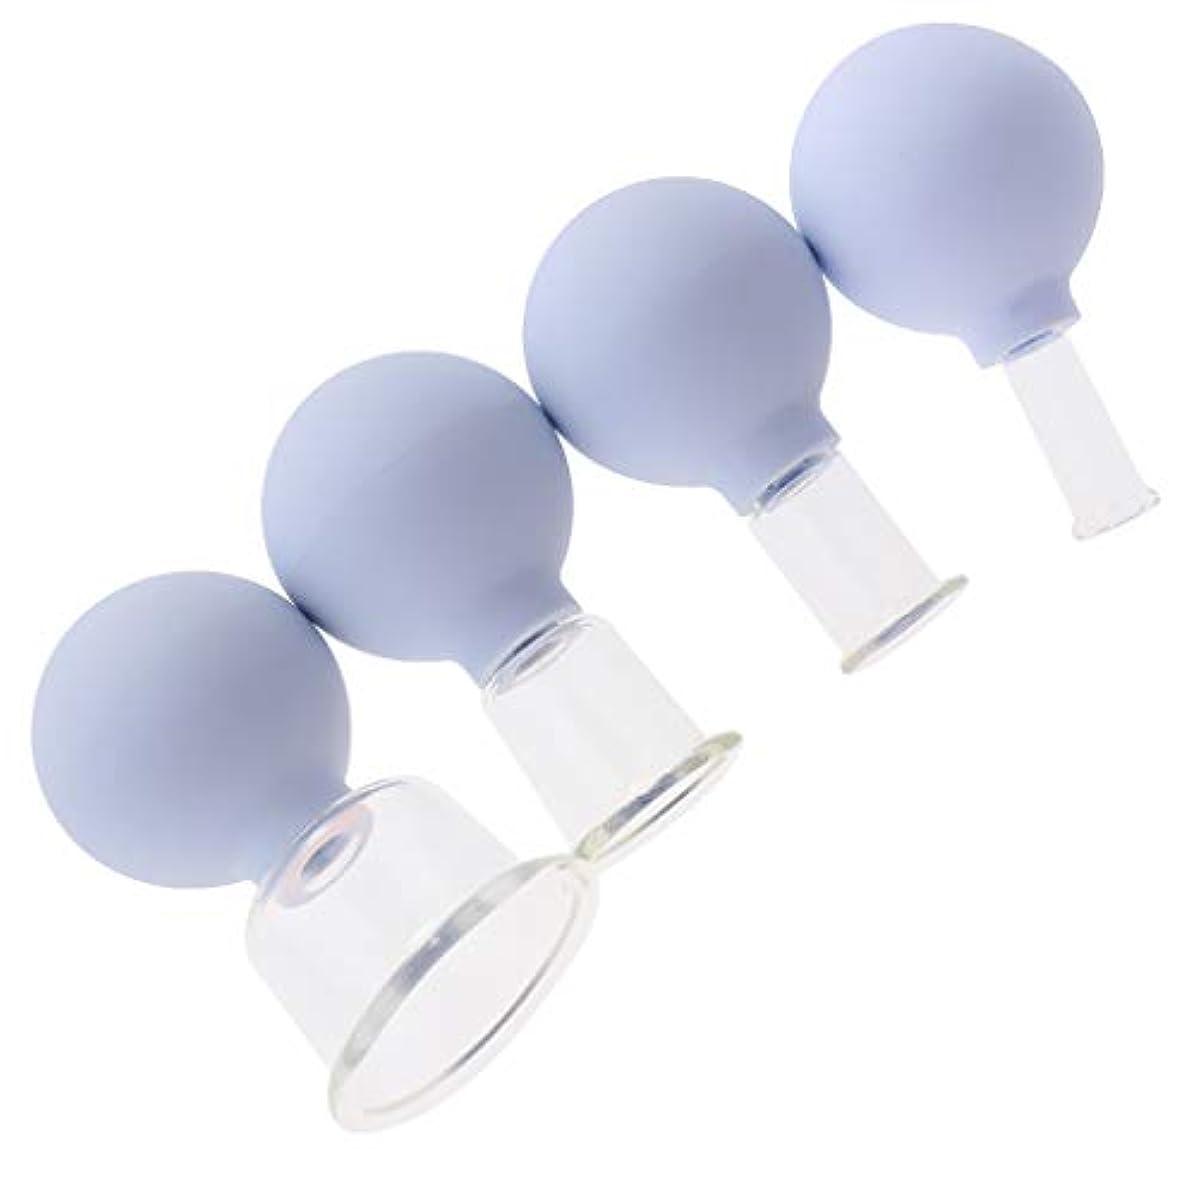 聖書収容する本部D DOLITY マッサージカップ 吸い玉 カッピングセット ガラスカッピング 真空 男女兼用 ギフト 4個 全3色 - 白